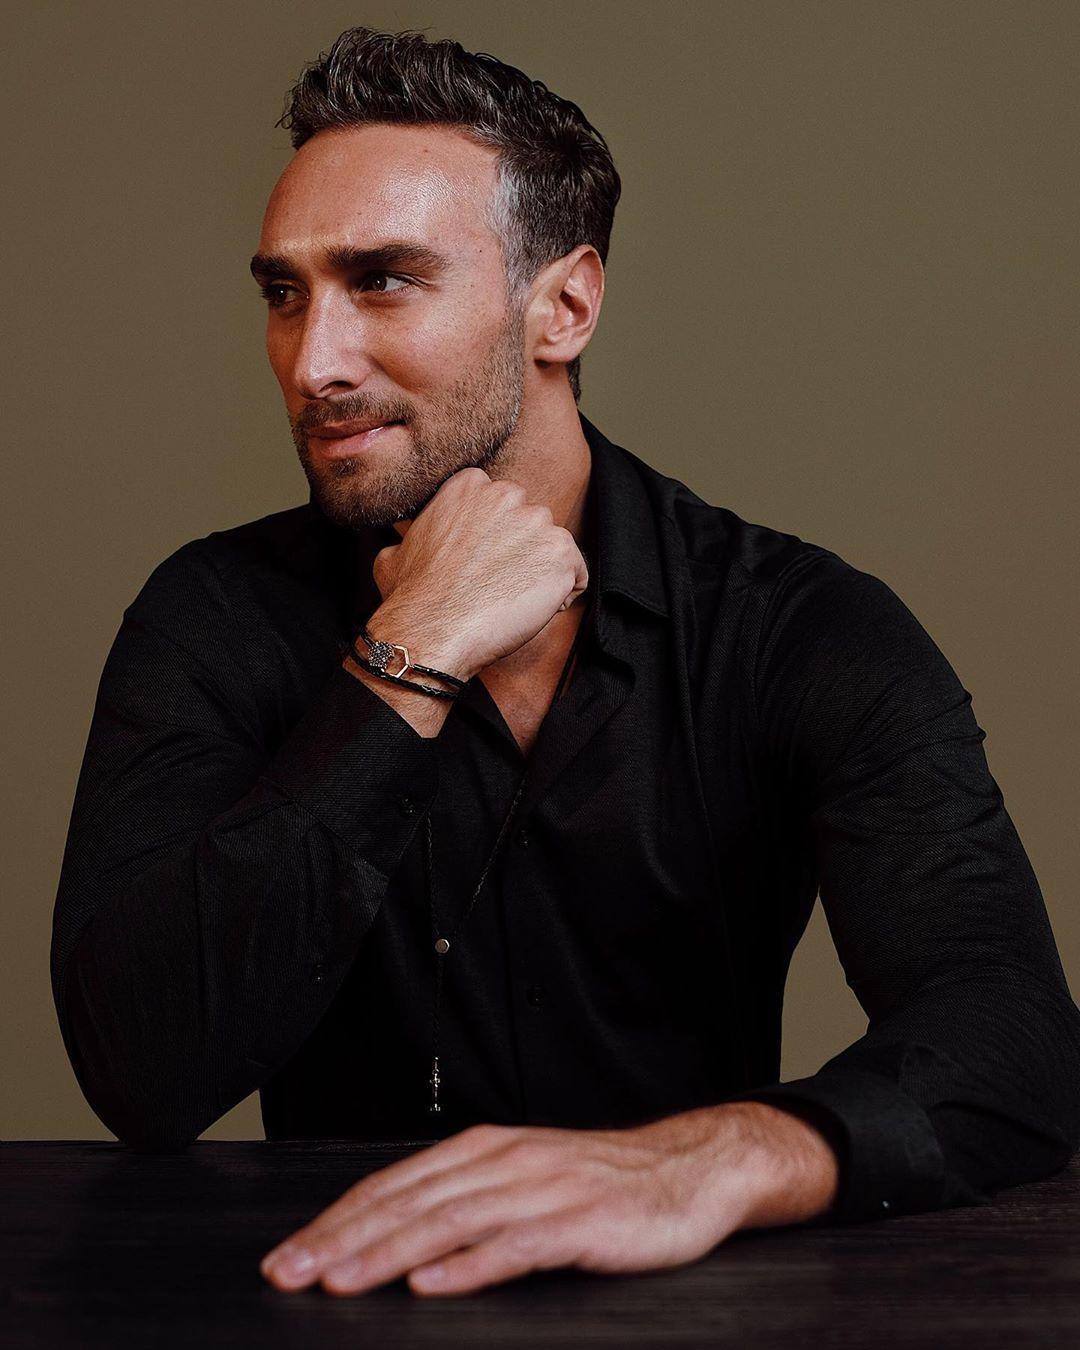 Иракли Макацария дал интервью Webpromo про свой ювелирный бренд